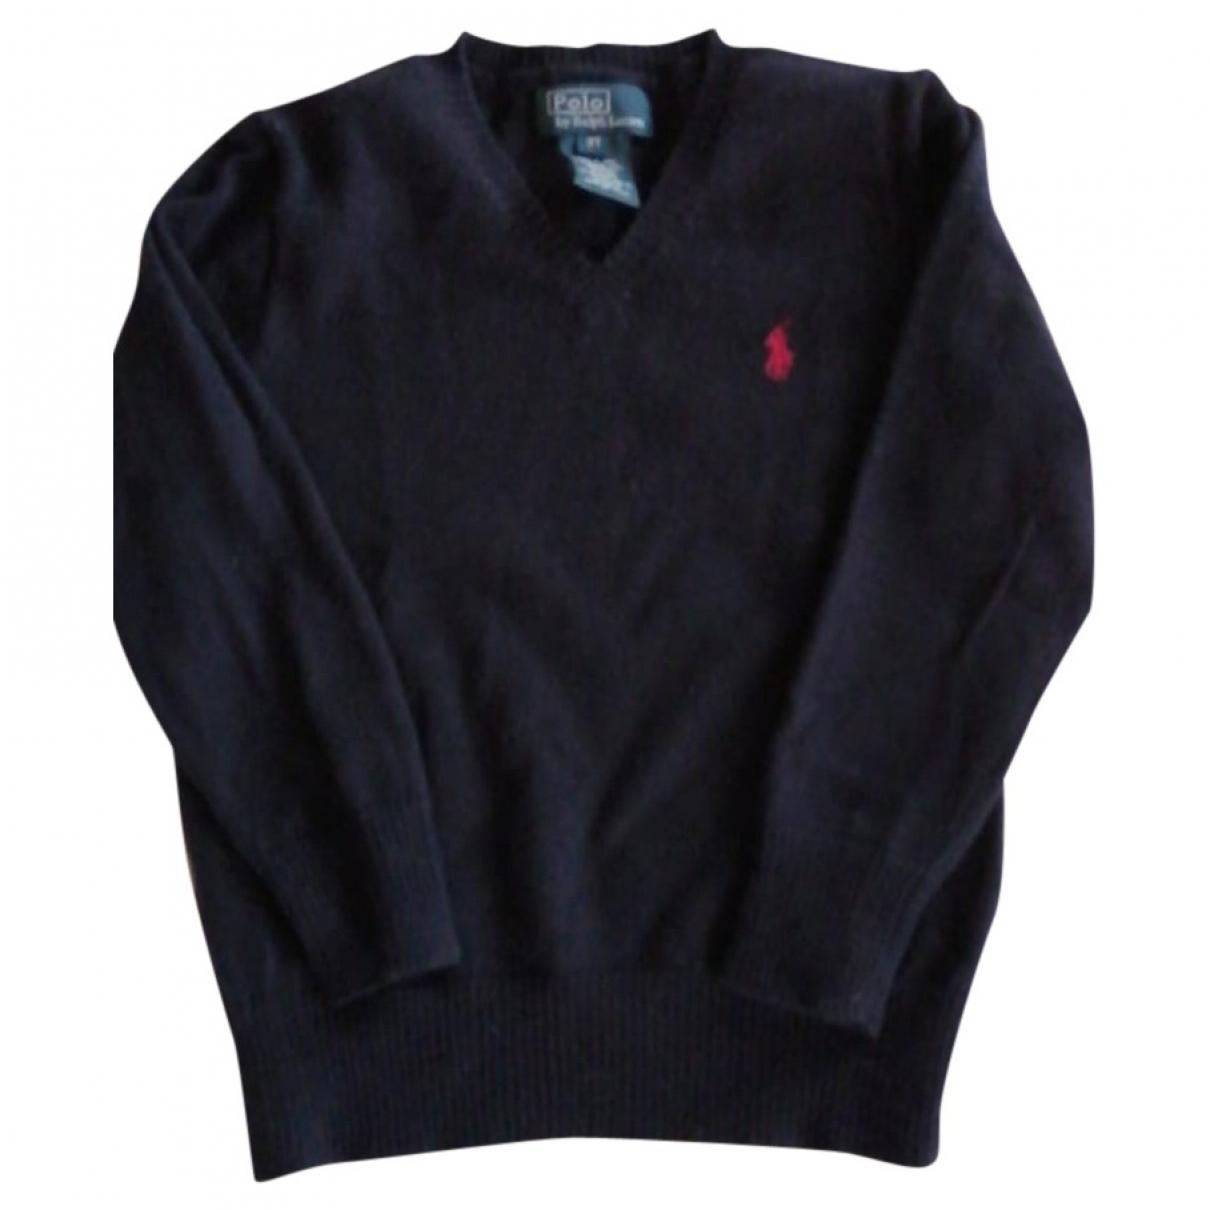 Lauren Ralph Lauren \N Blue Wool  top for Kids 3 years - until 39 inches UK